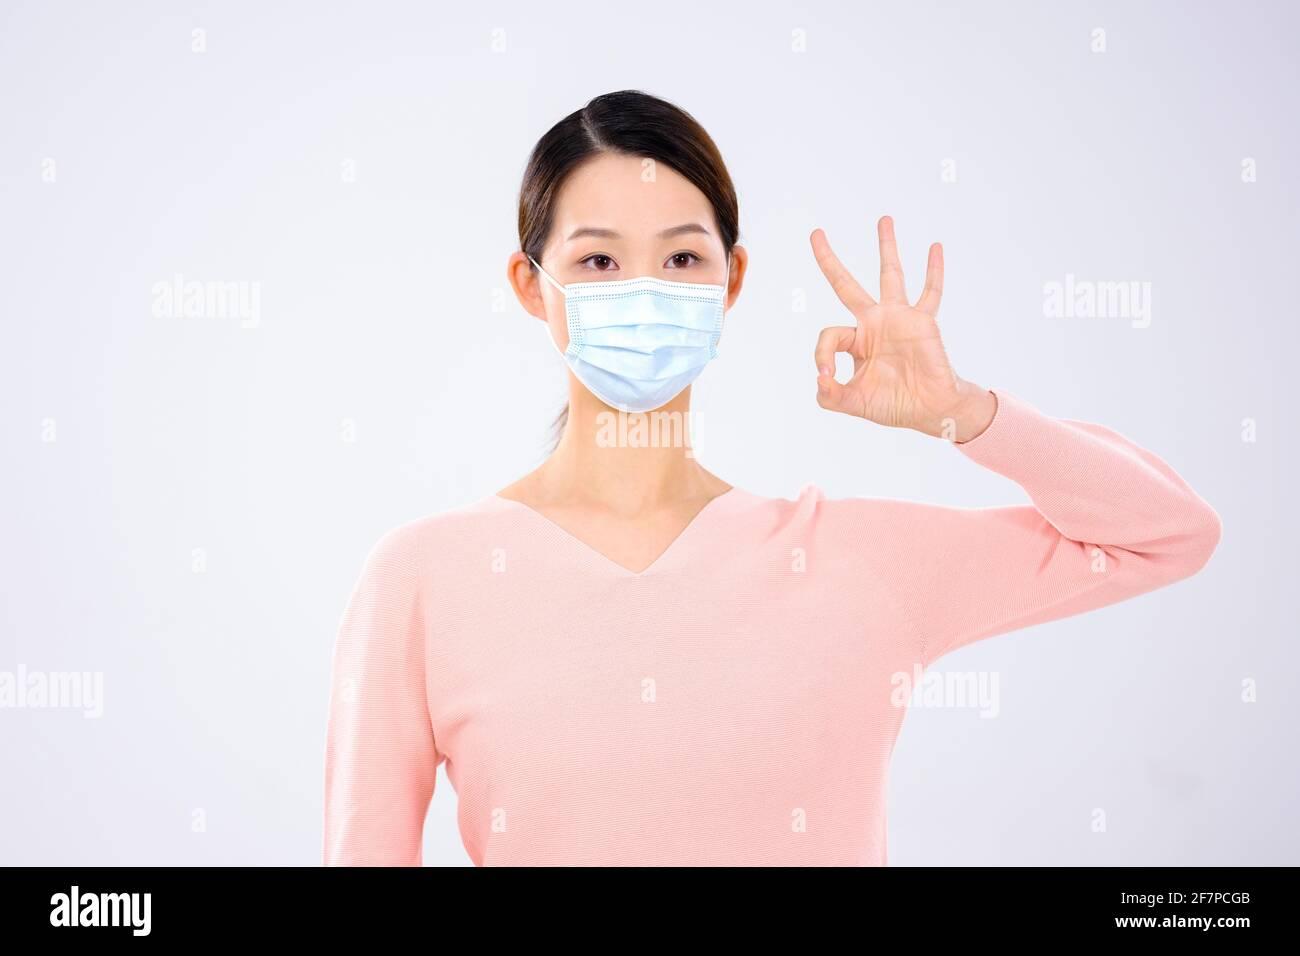 Eine junge Frau, die eine Maske trägt, machte ein Zeichen dafür Zustimmung Vorderansicht Stockfoto